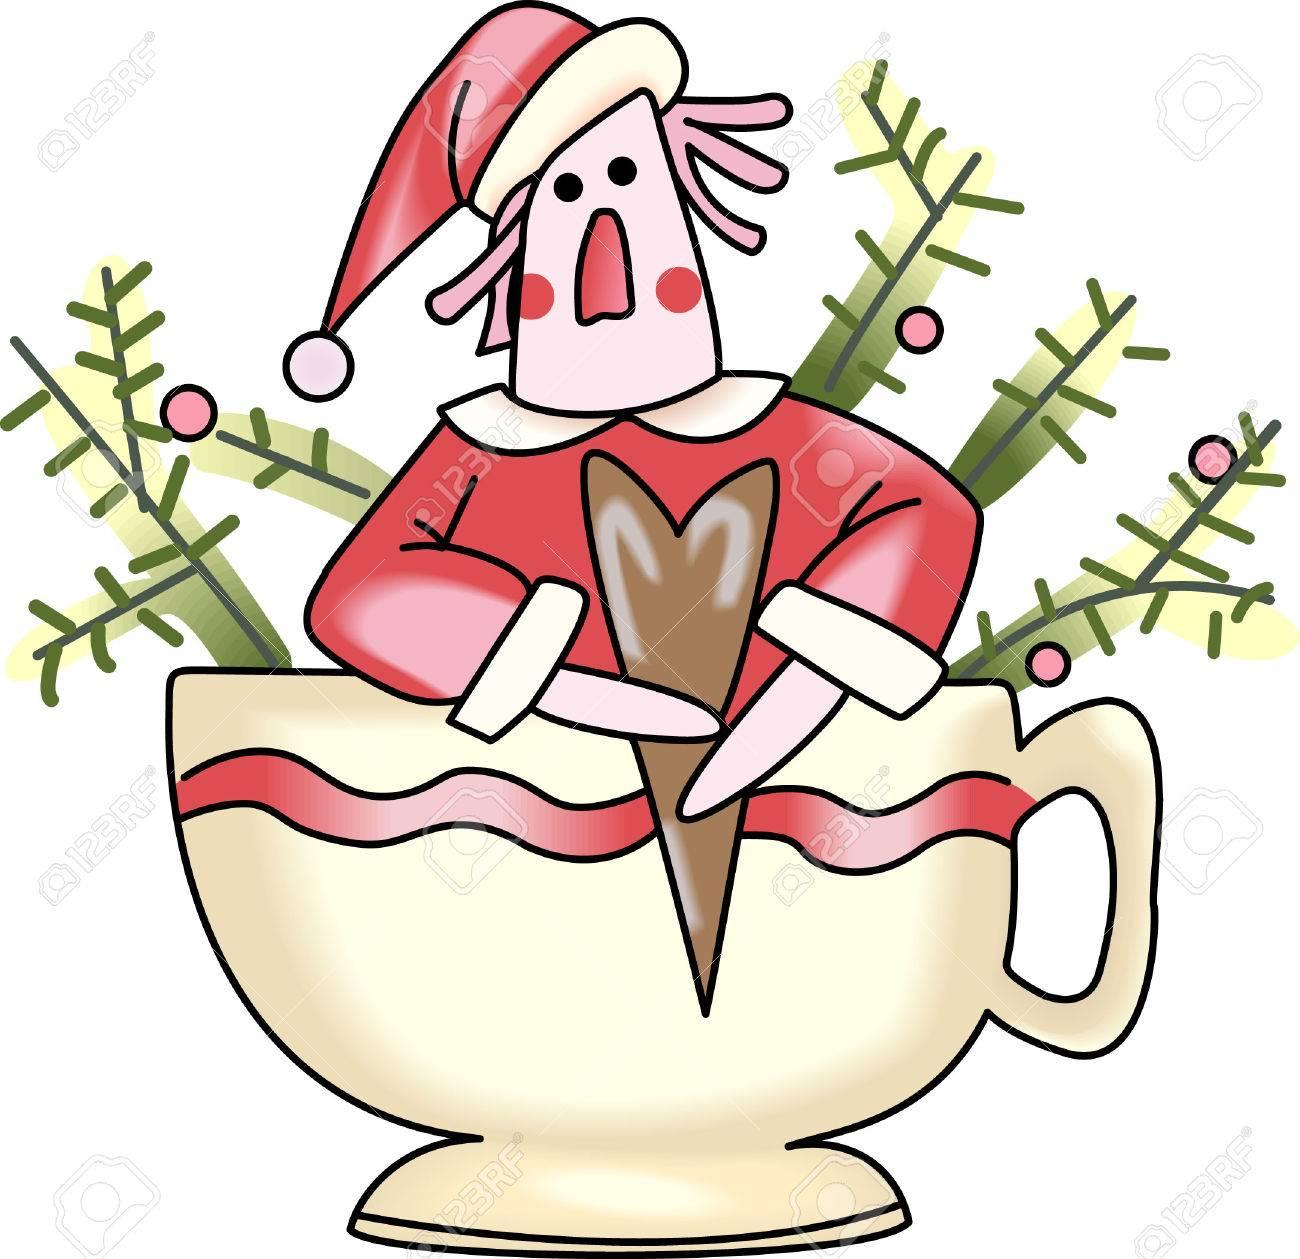 Ho Ho Ho! Frohen Weihnachten Zu Wünschen, Um Alle Mit Dieser Anzeige ...